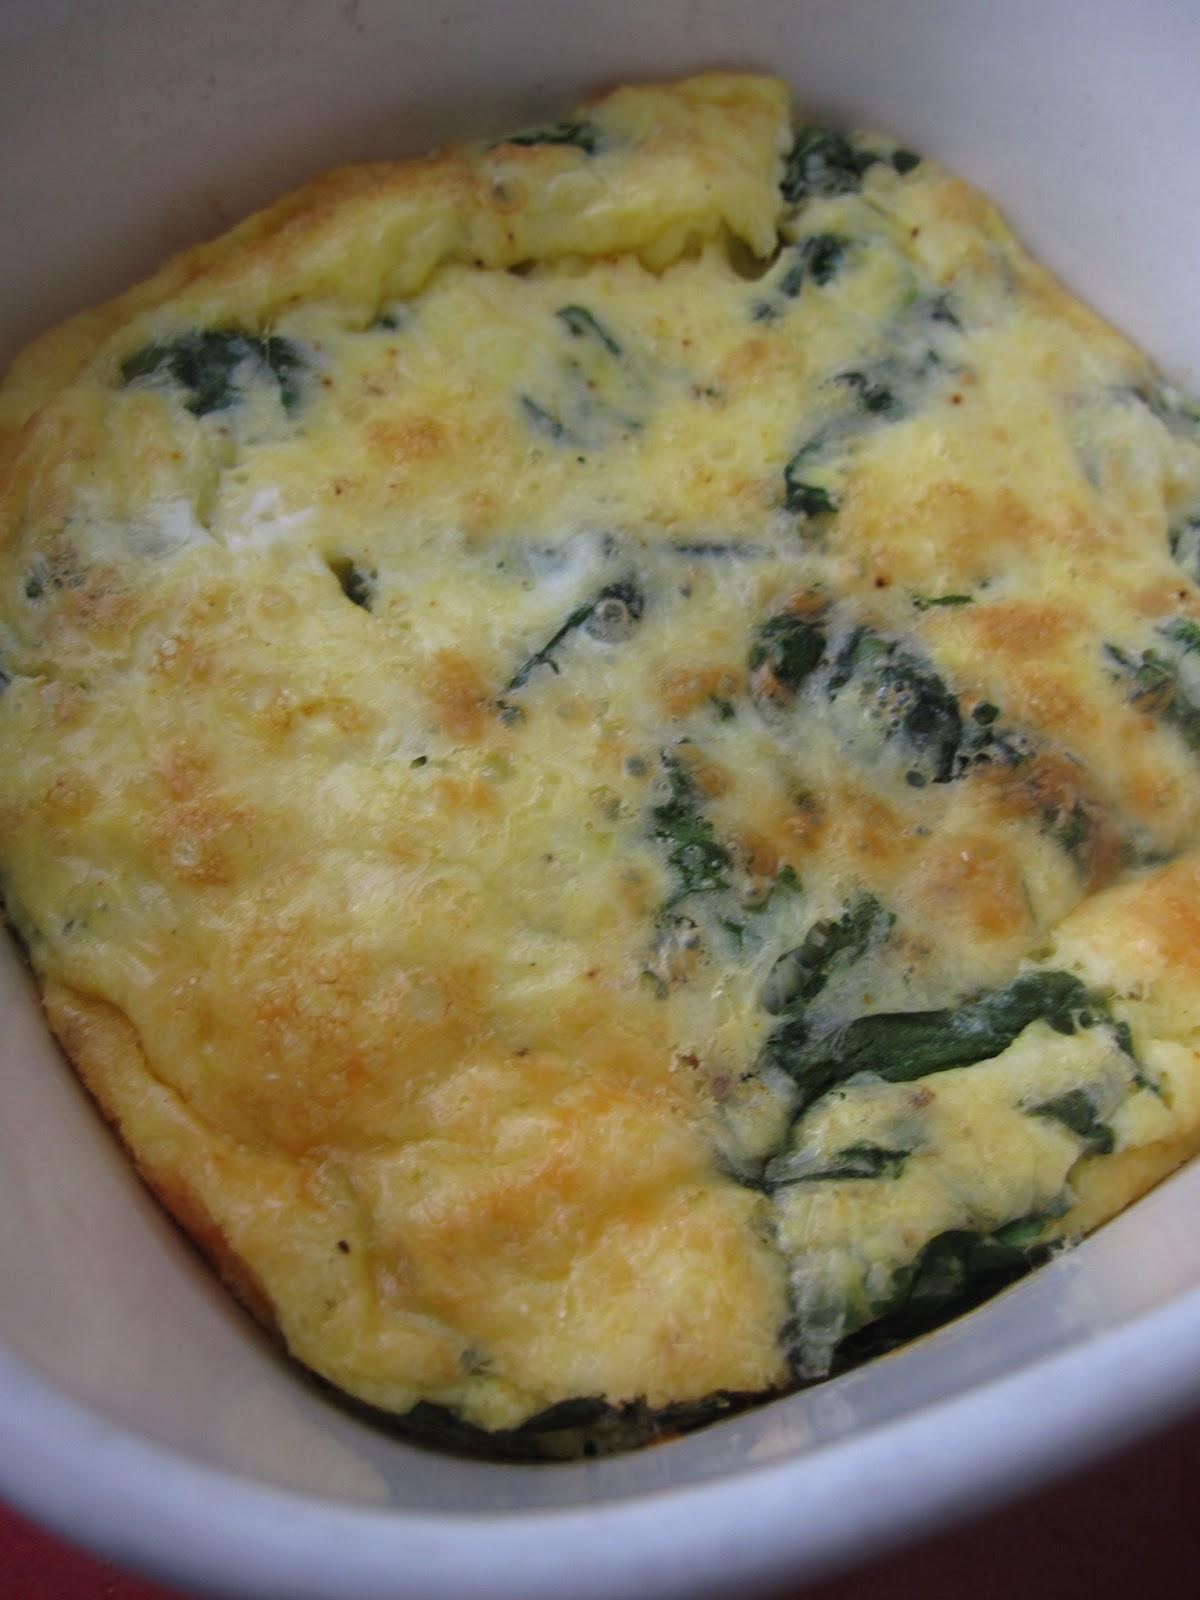 Mozzarella, Spinach and Egg Bake